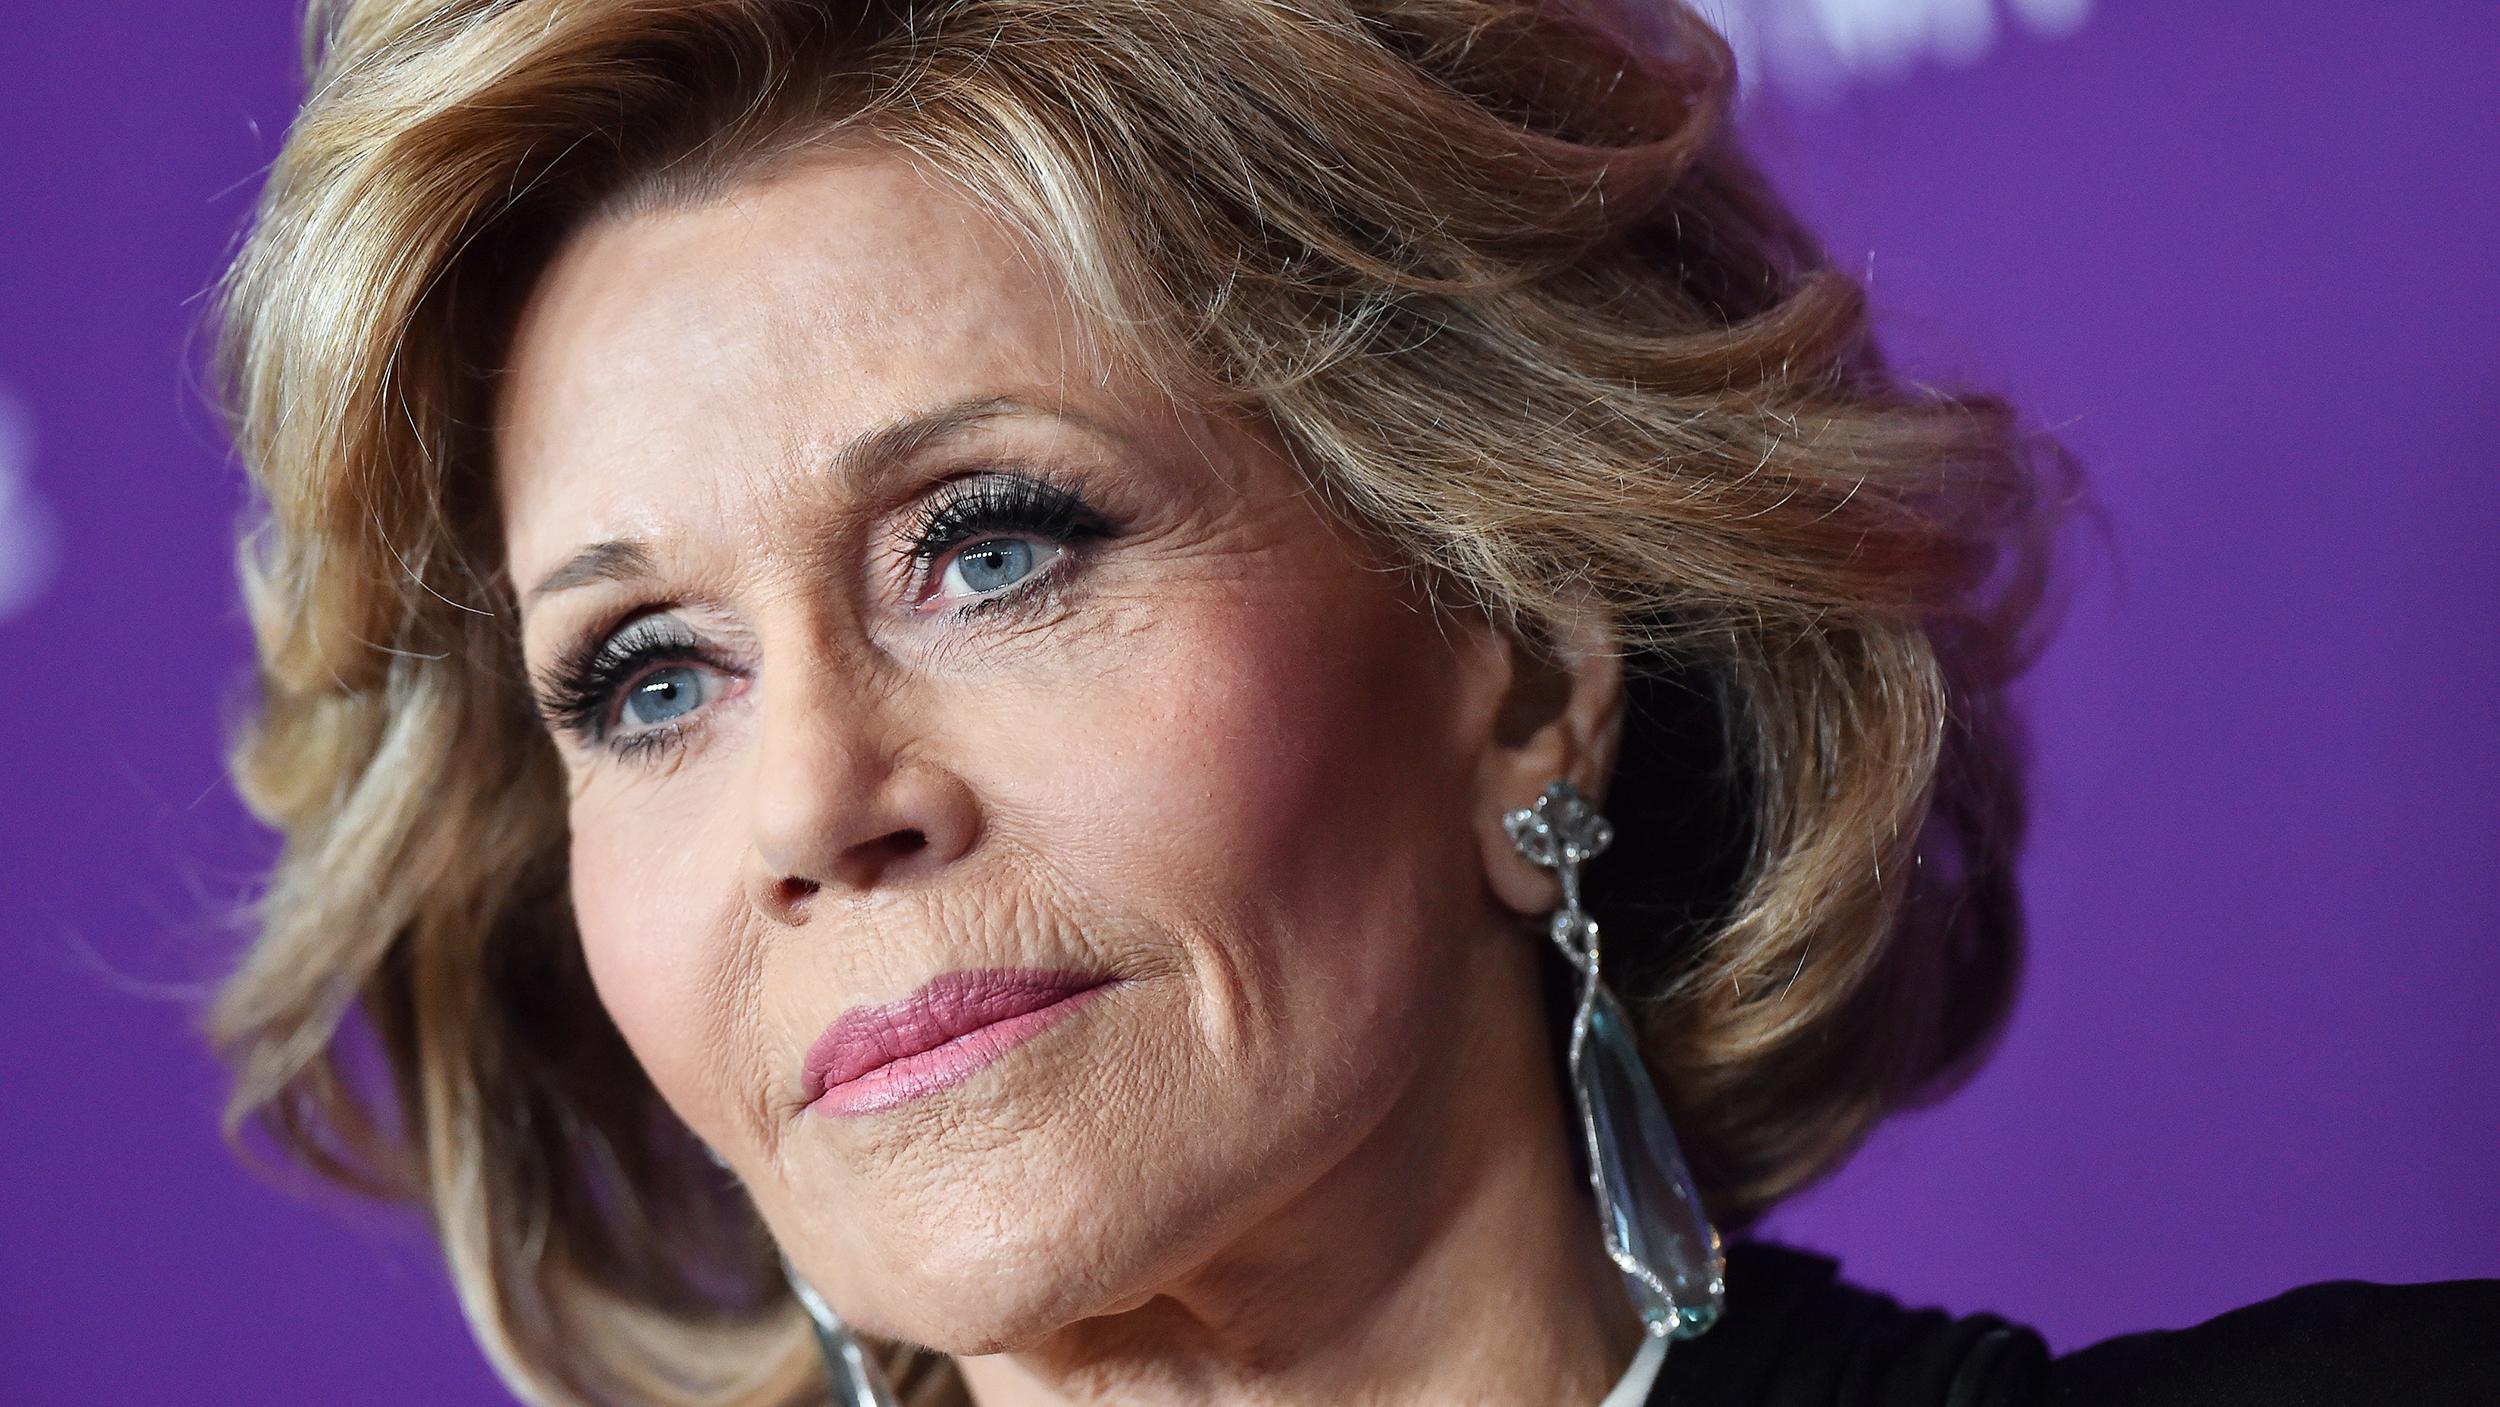 Biografia Jane Fonda è nata il 21 dicembre 1937 a New York da Henry Fonda e Frances Seymour Brokaw È di origine inglese scozzese francese e italiana la